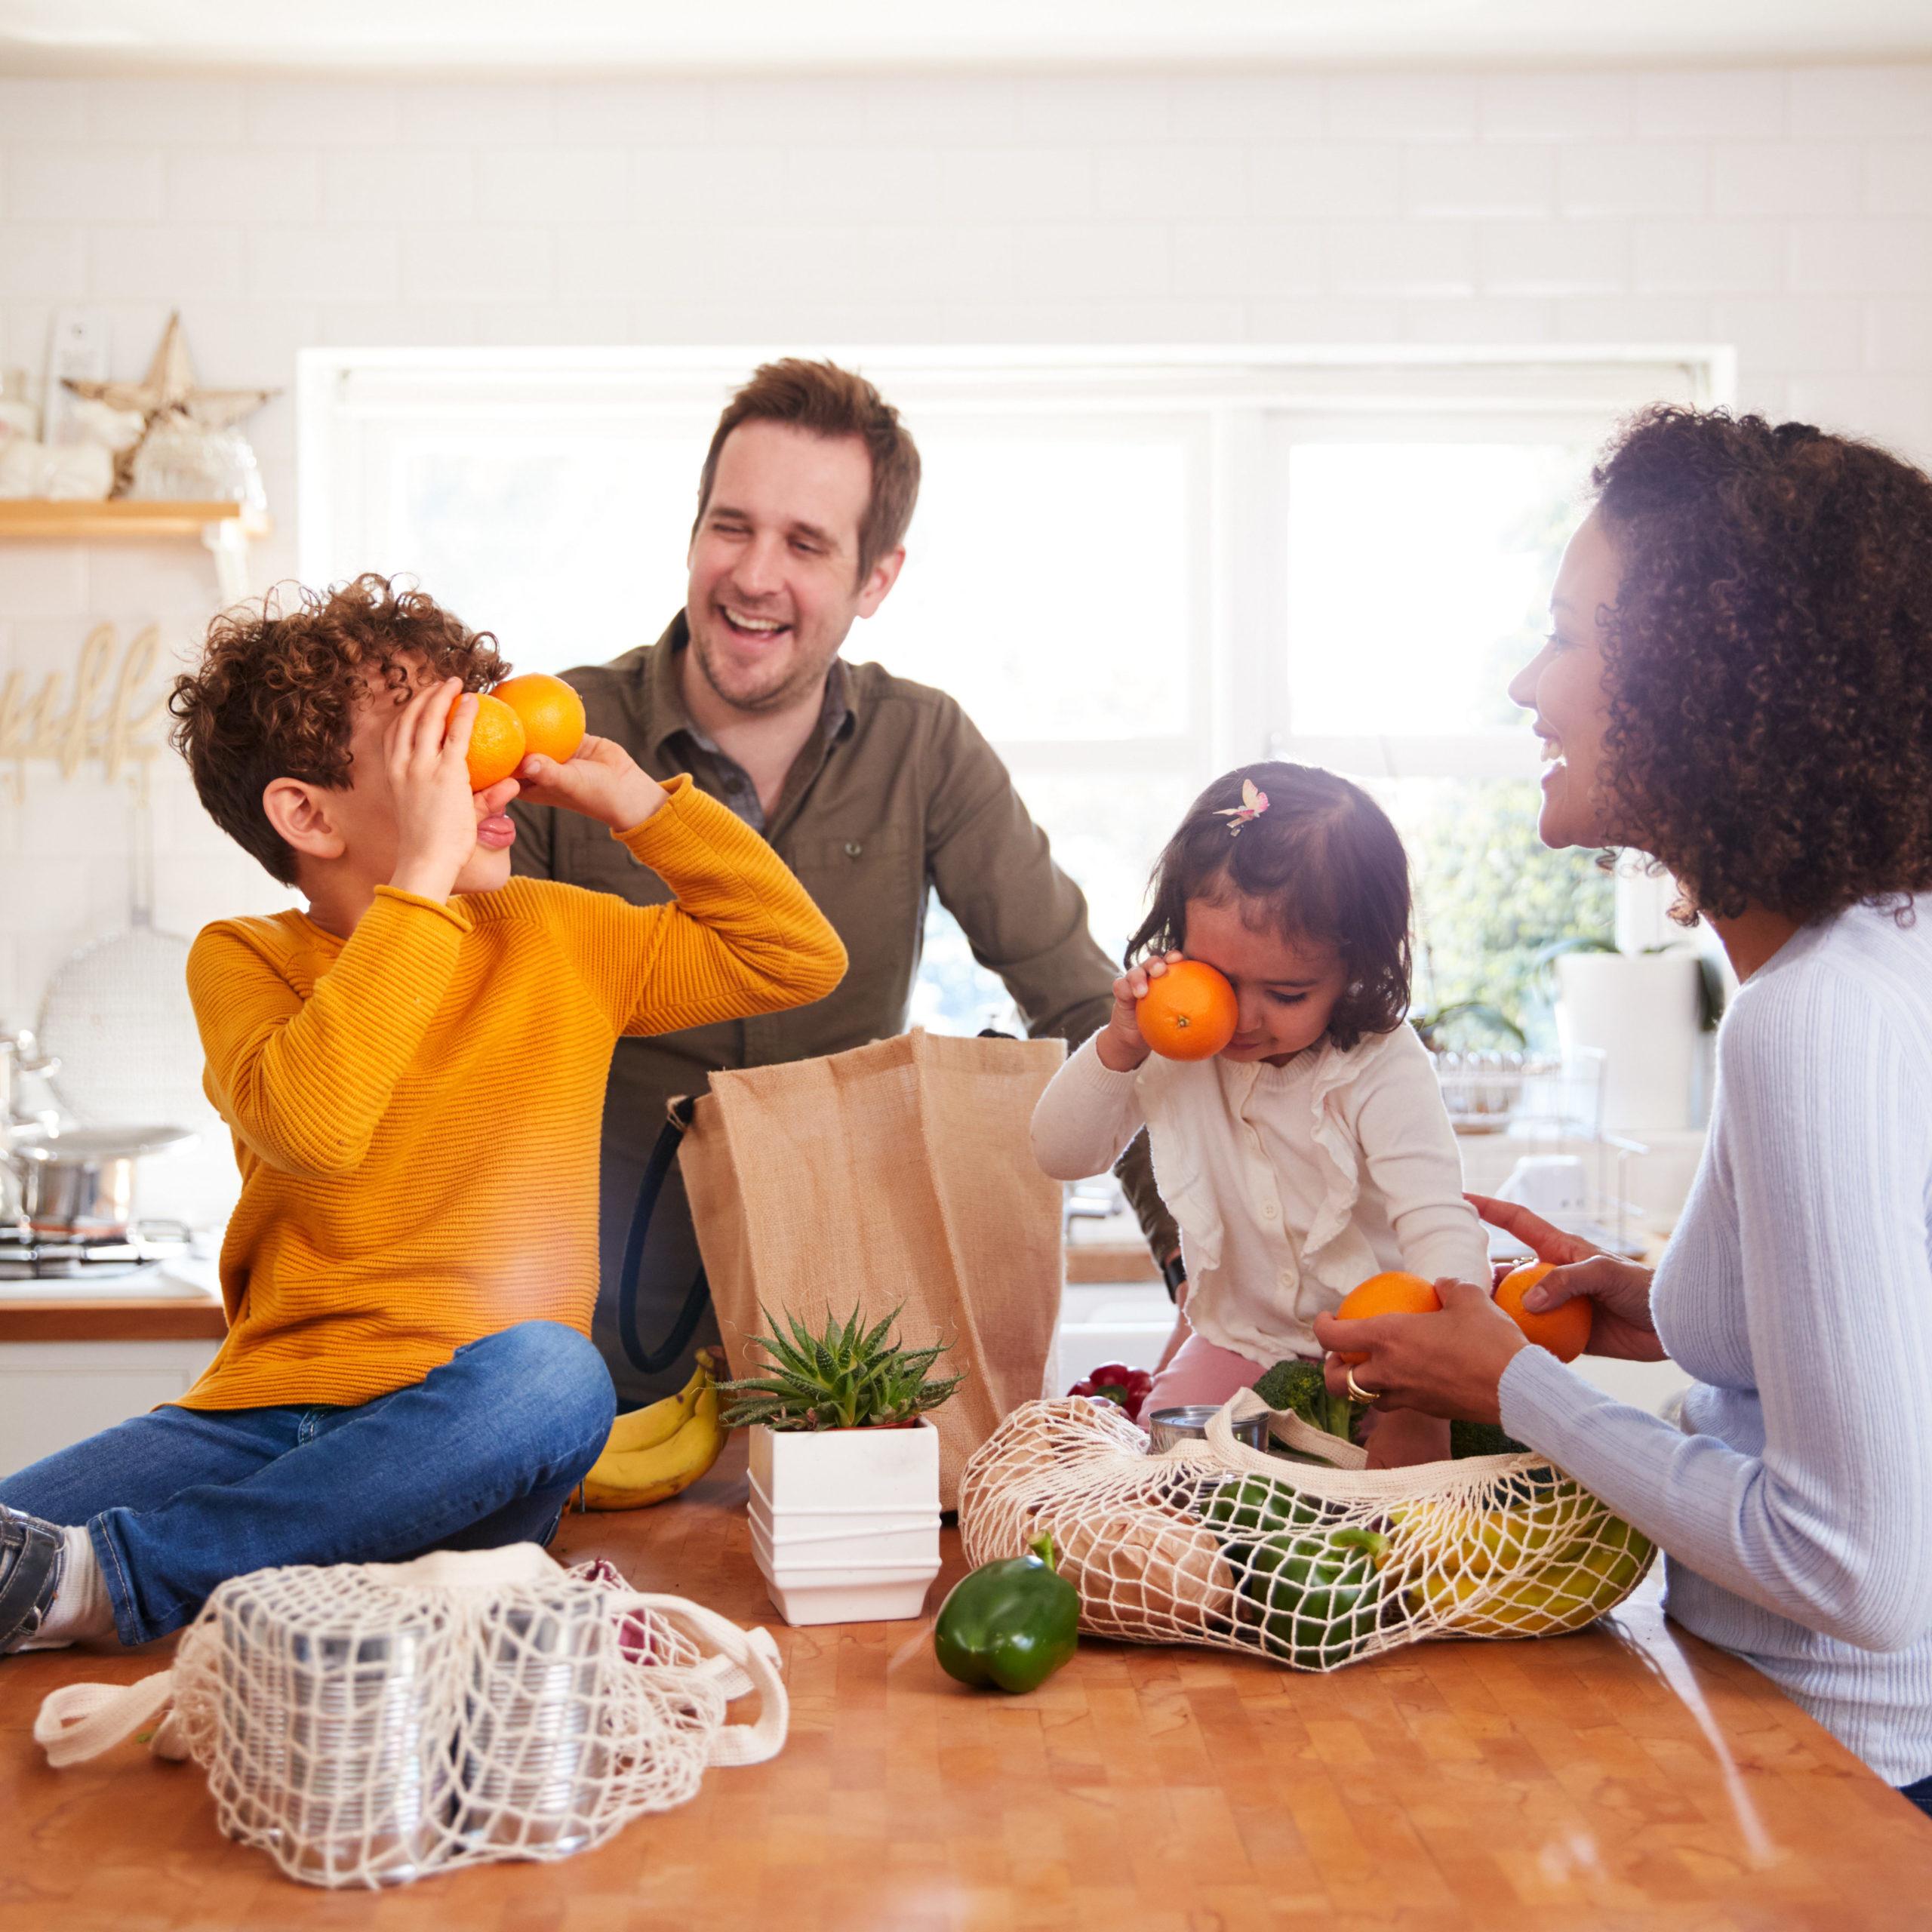 Famille dans la cuisine après leur courses